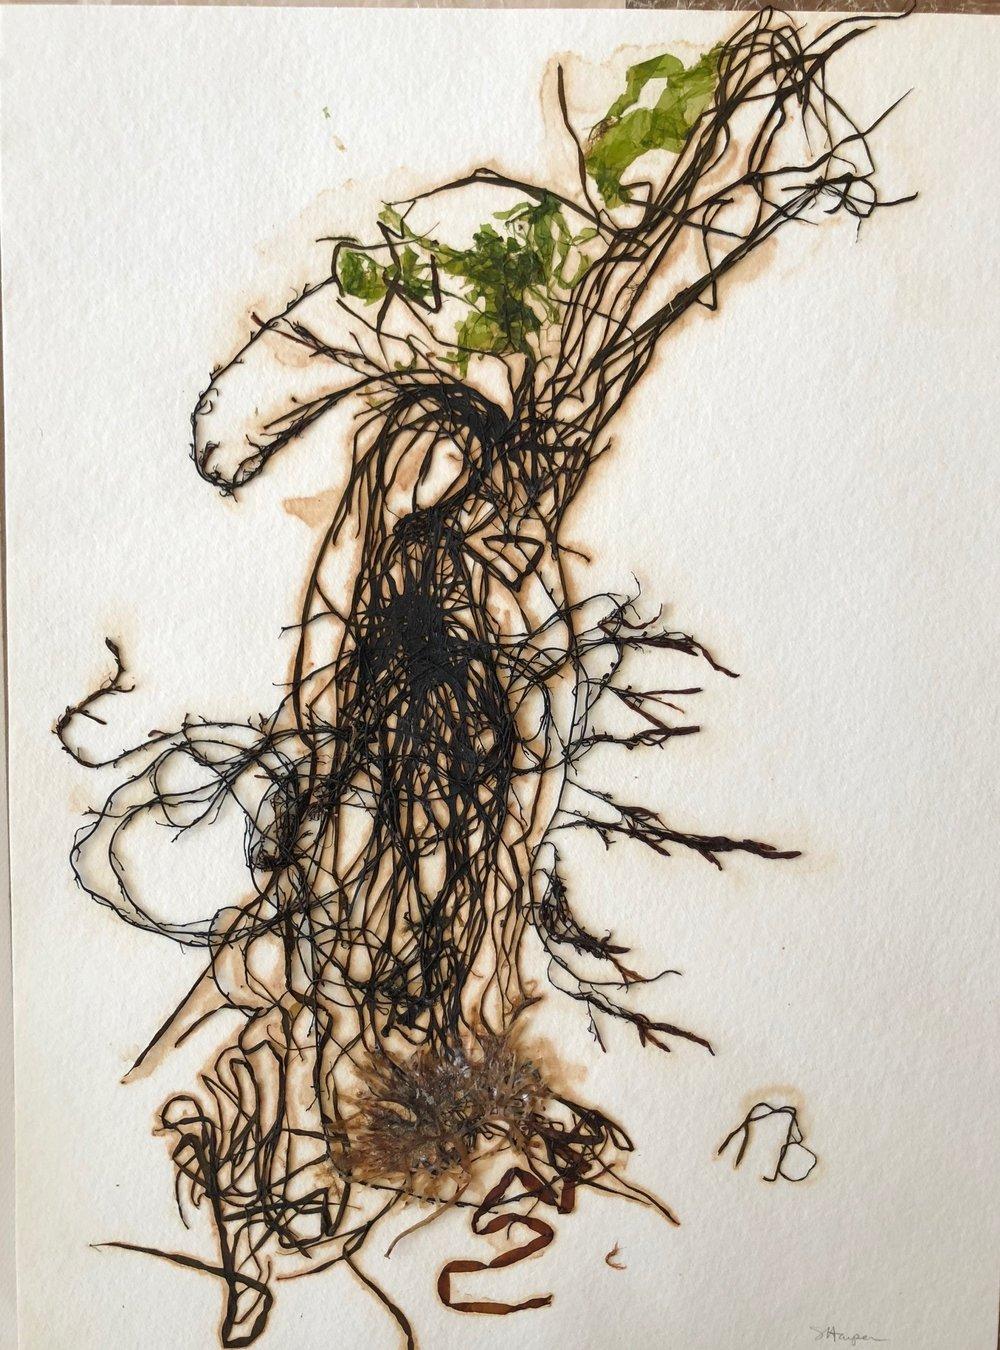 Seaweed 12/13, 11x14